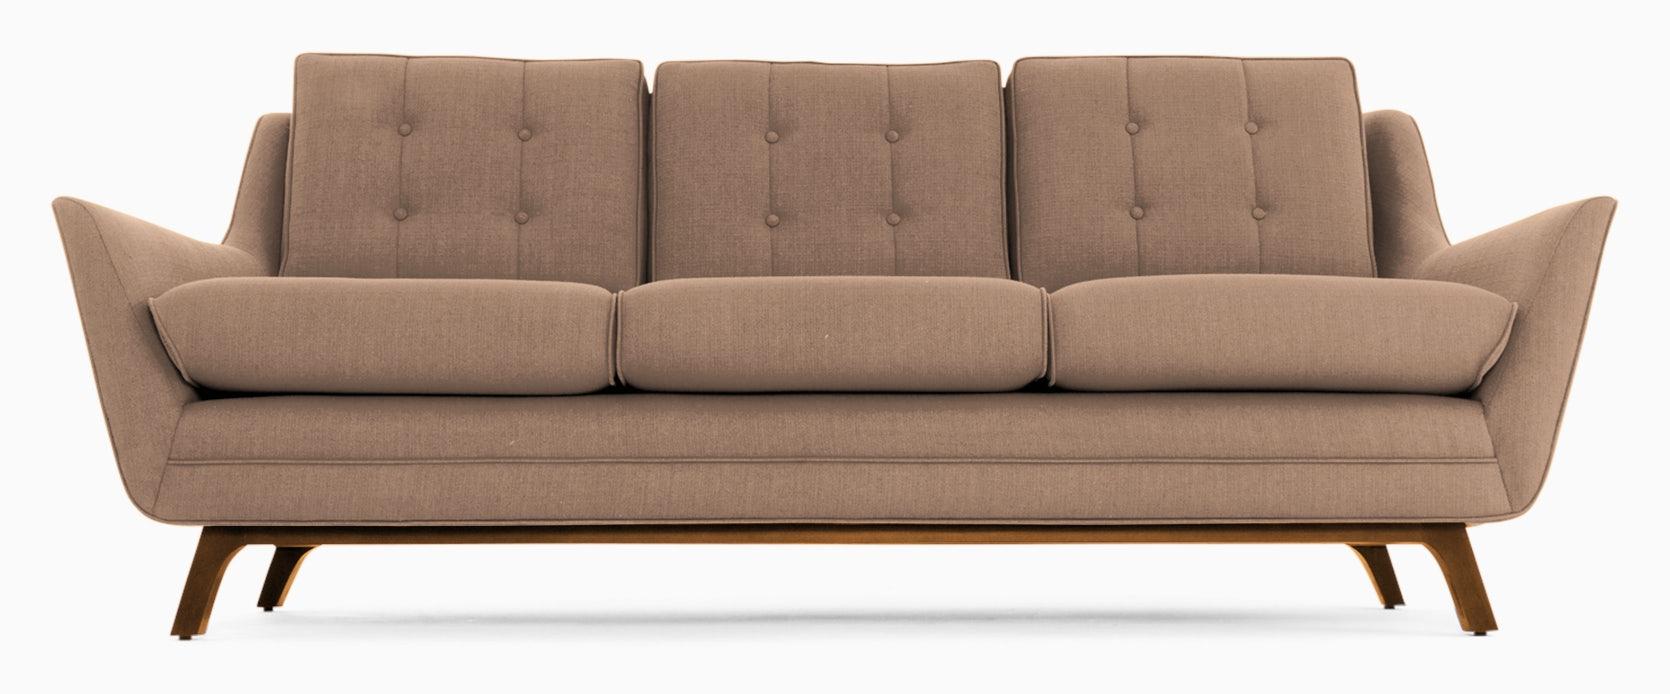 eastwood sofa royale blush